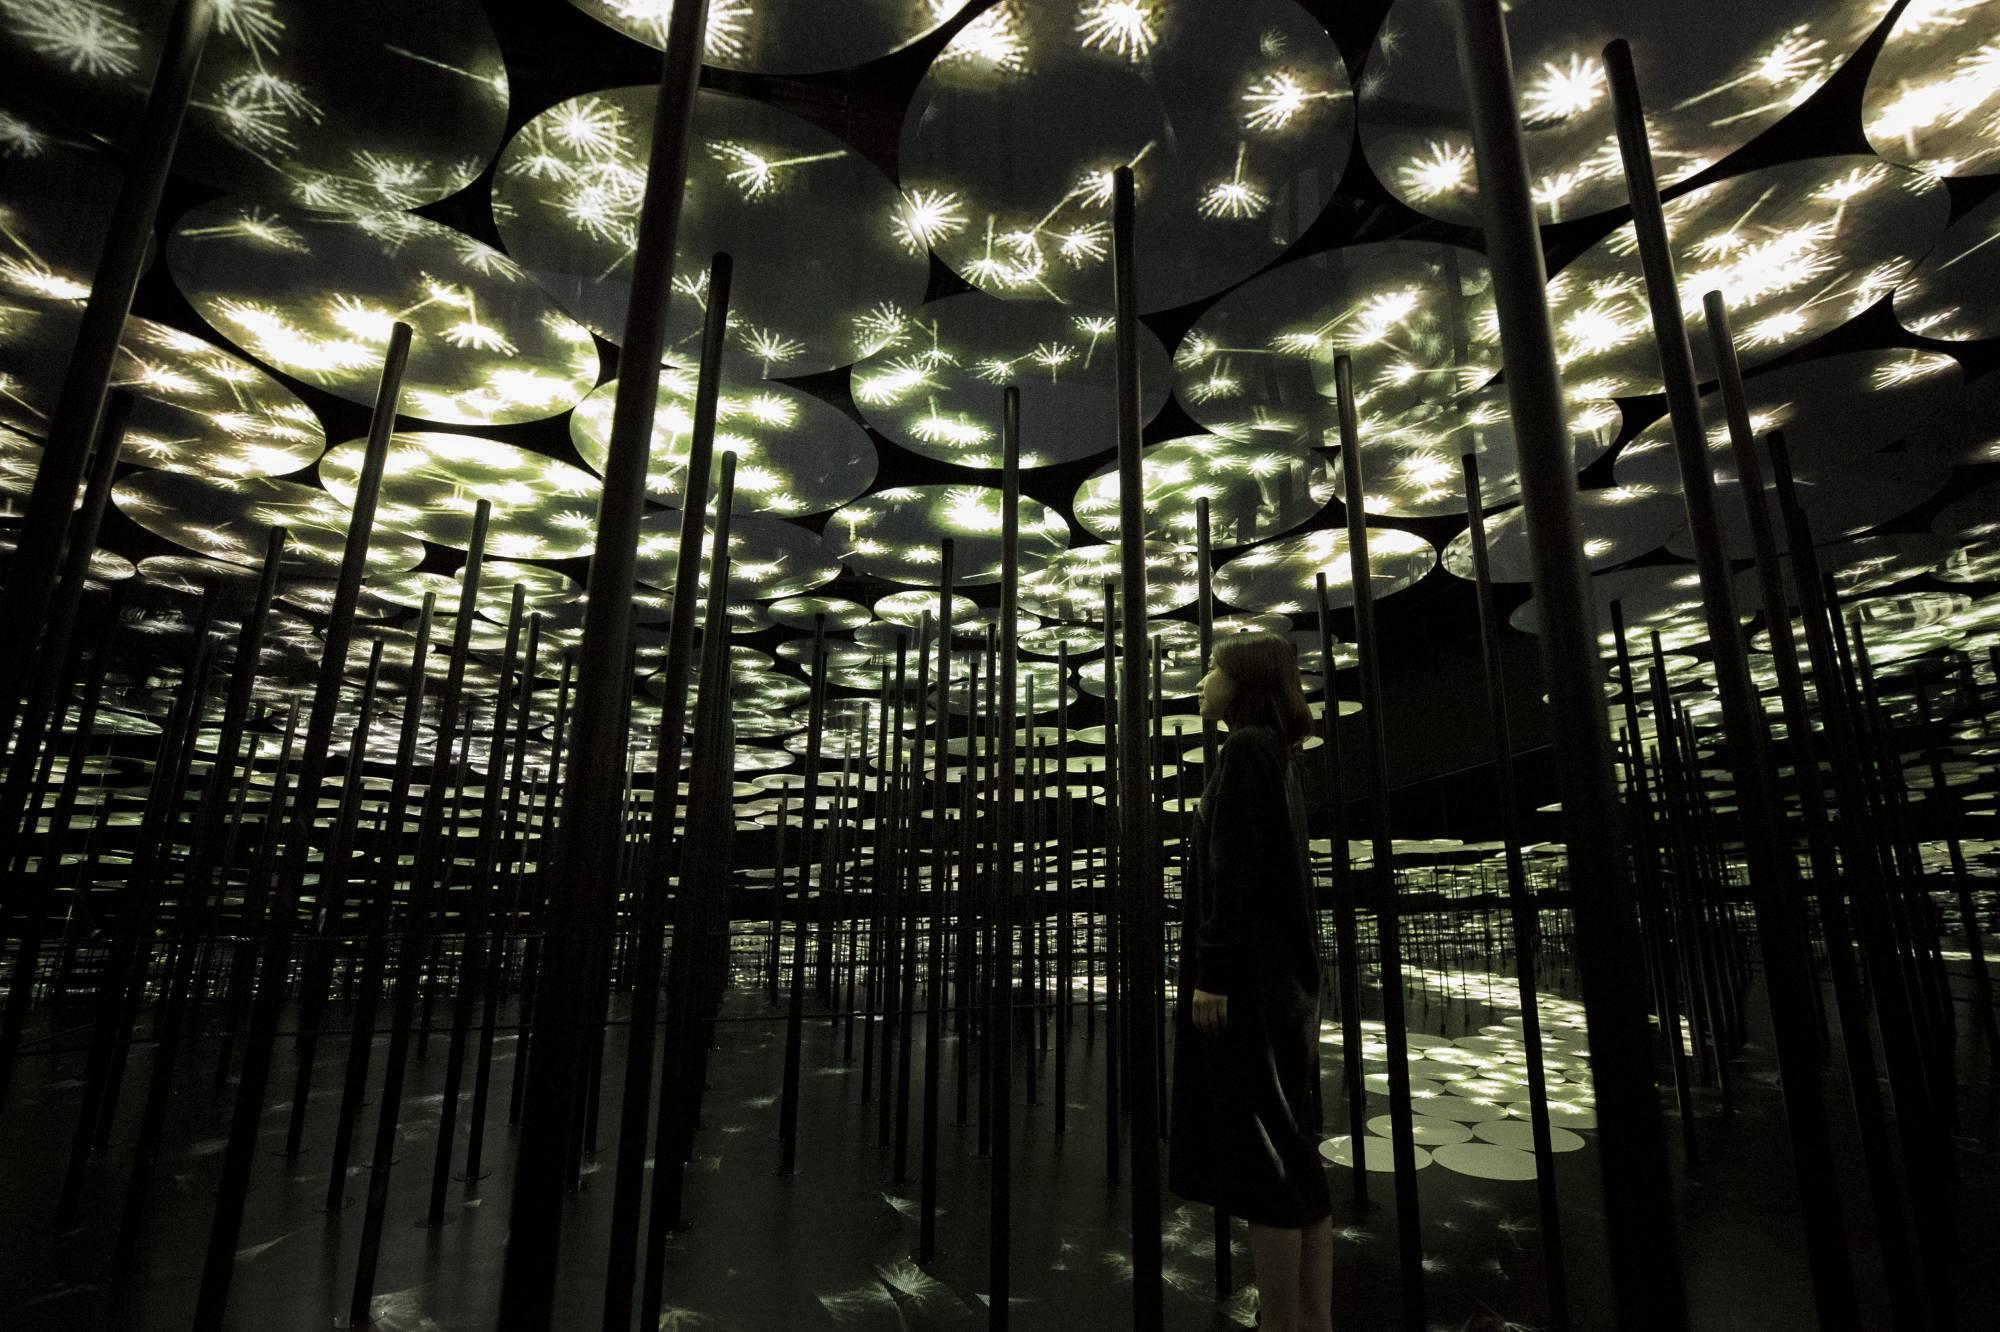 Токио Другая реальность: первый в мире Музей цифровых искусств в Токио 14903